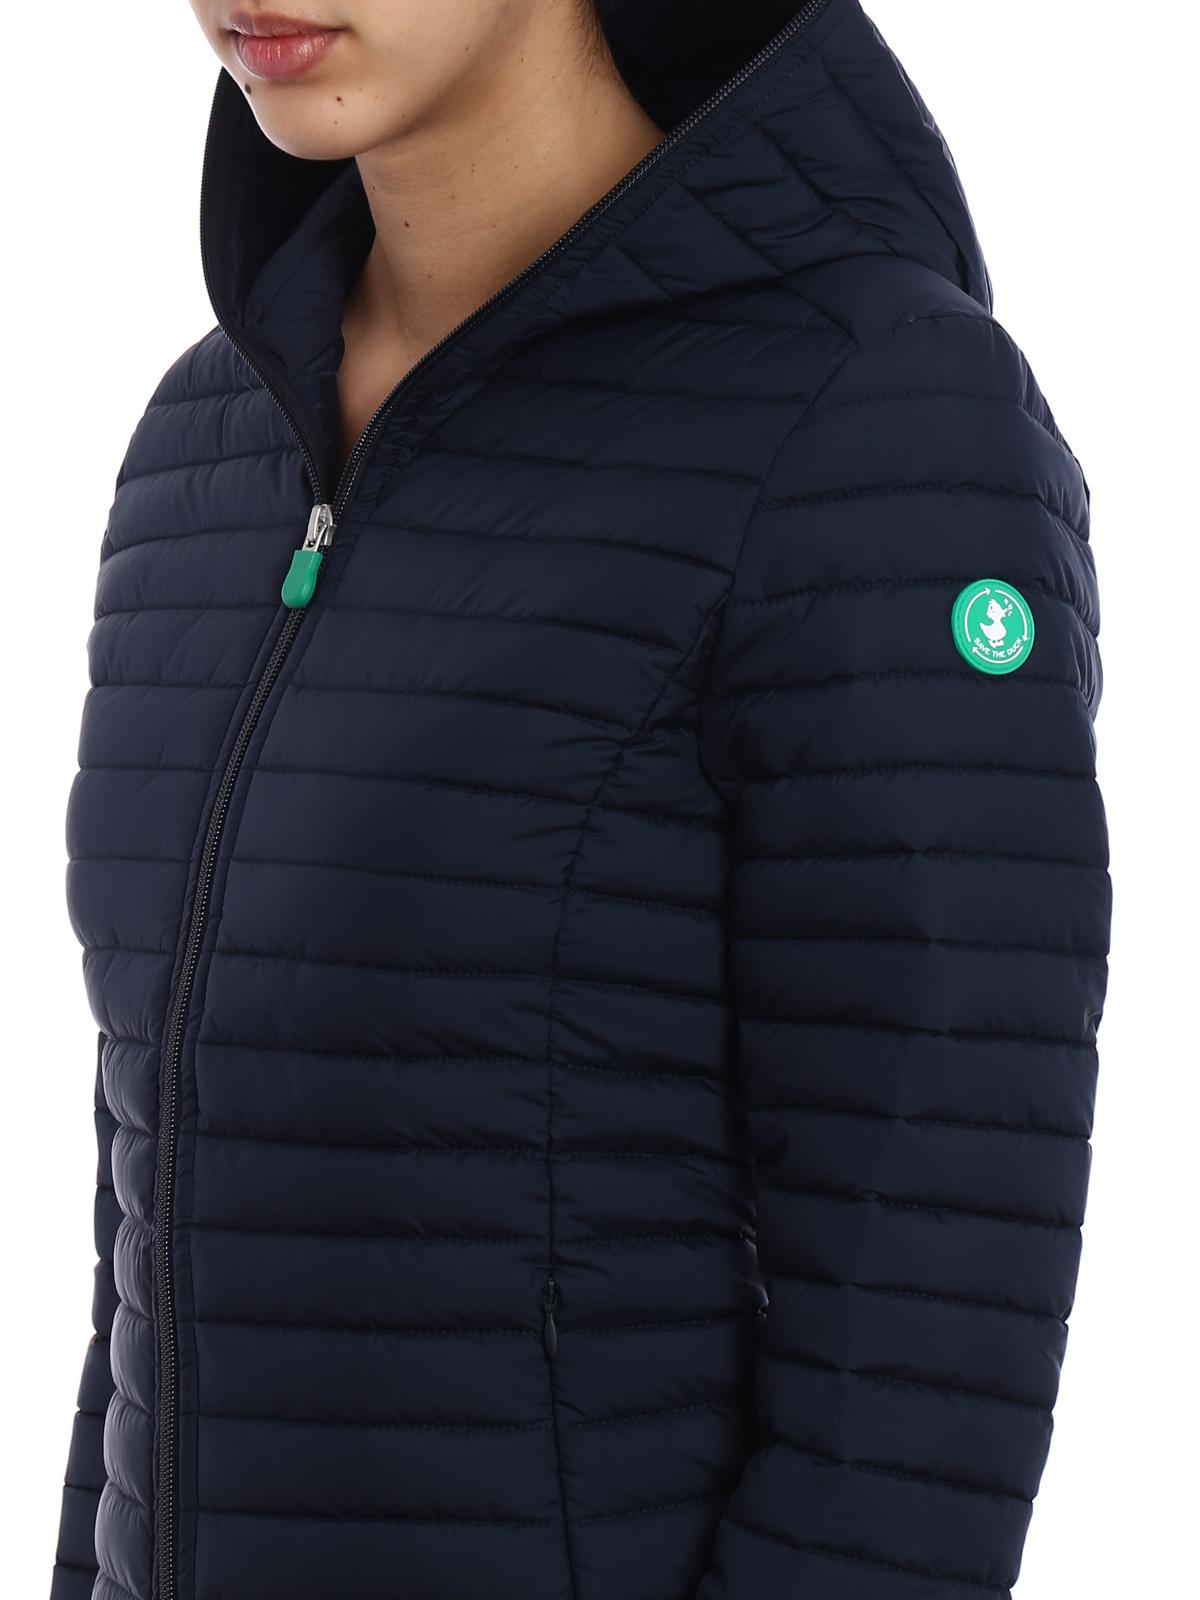 matelassée Duck recyclées Vestes veste la matelassées Sauvez 29HEYbeWDI